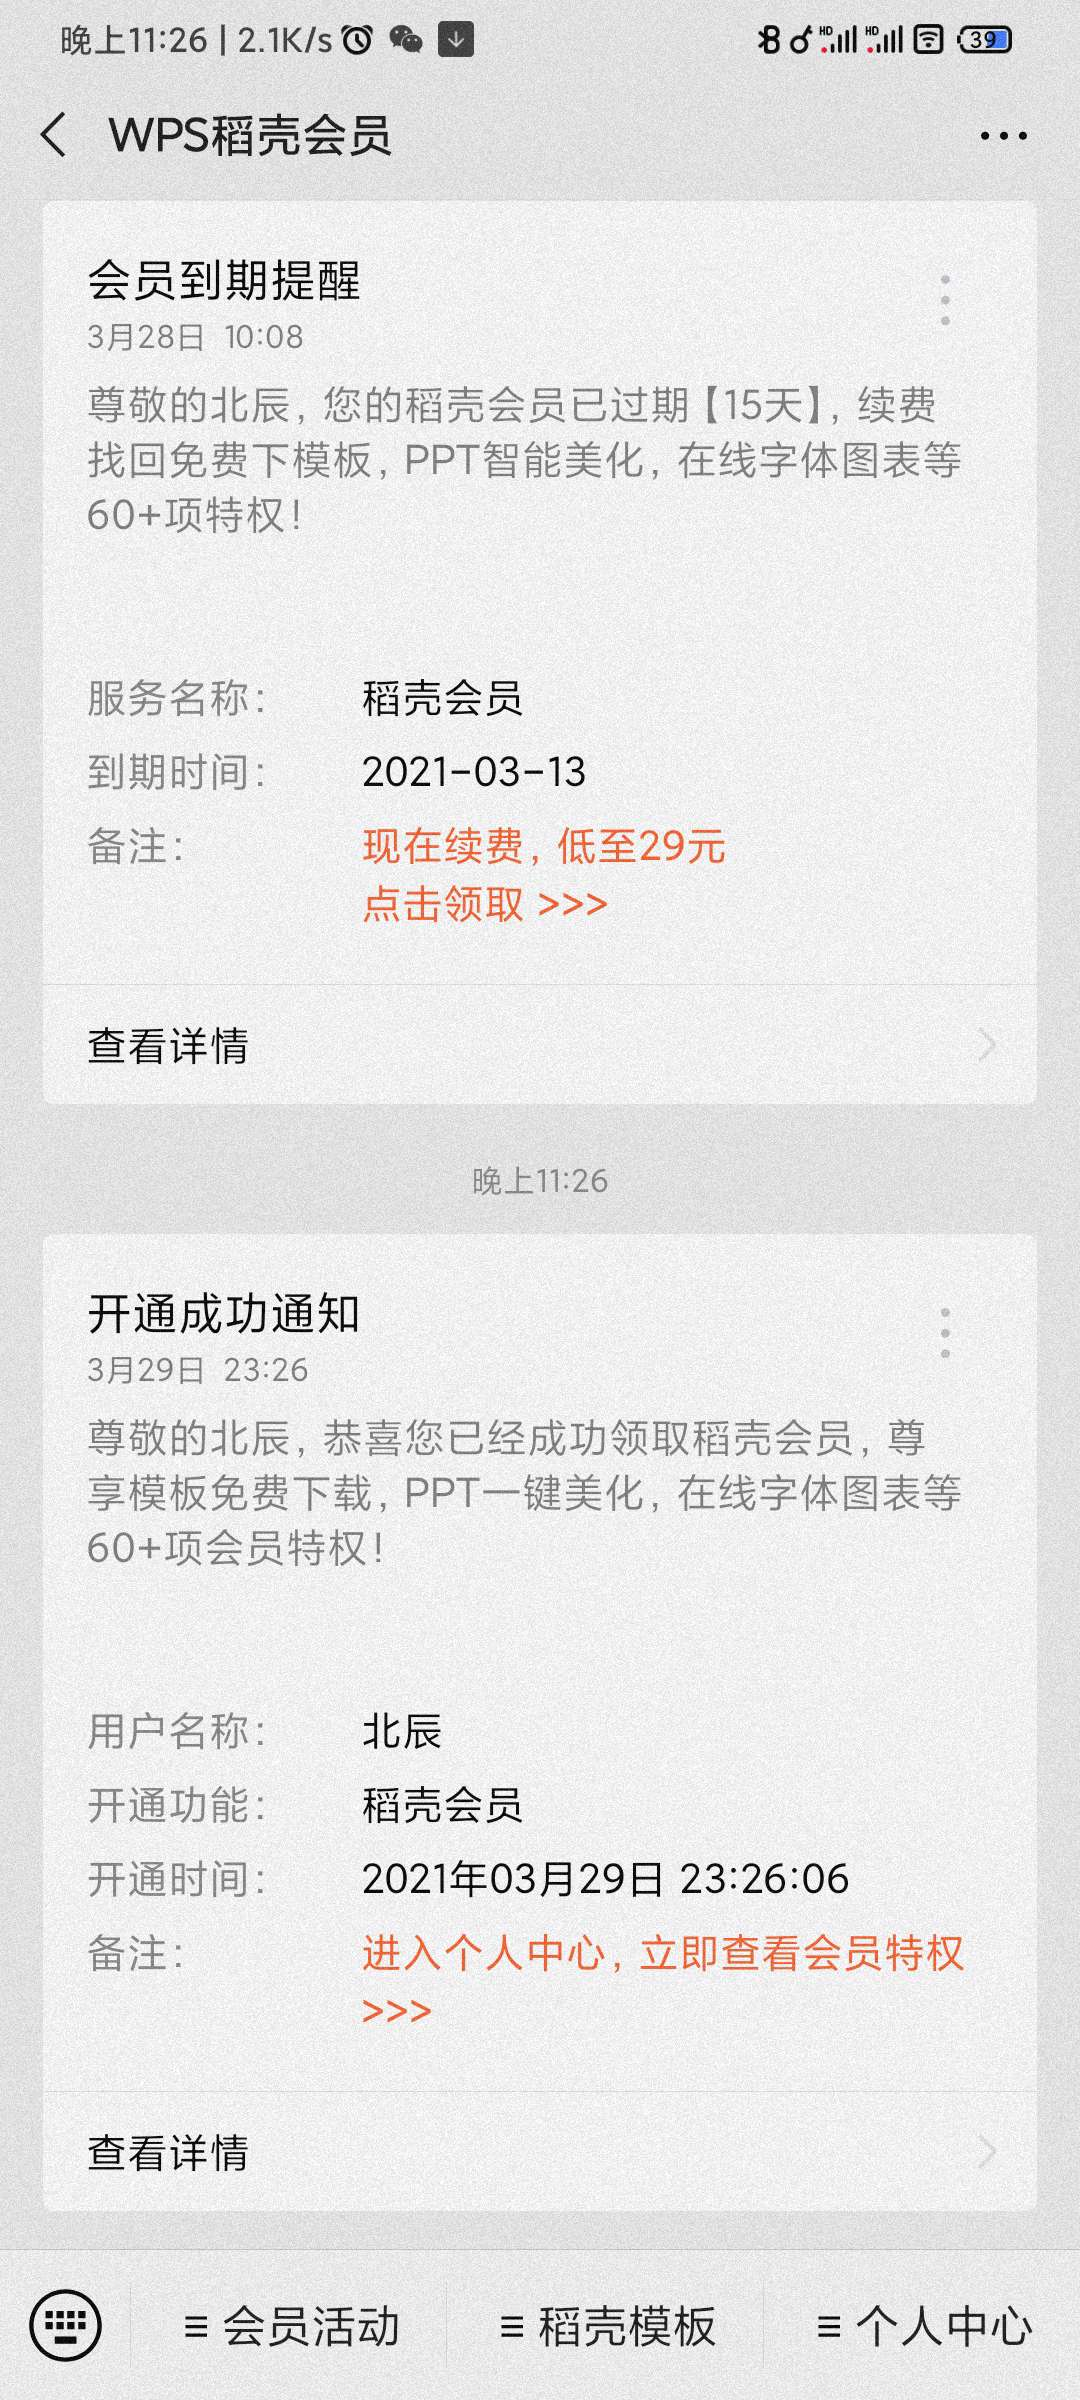 微信app领7天WPS稻壳会员